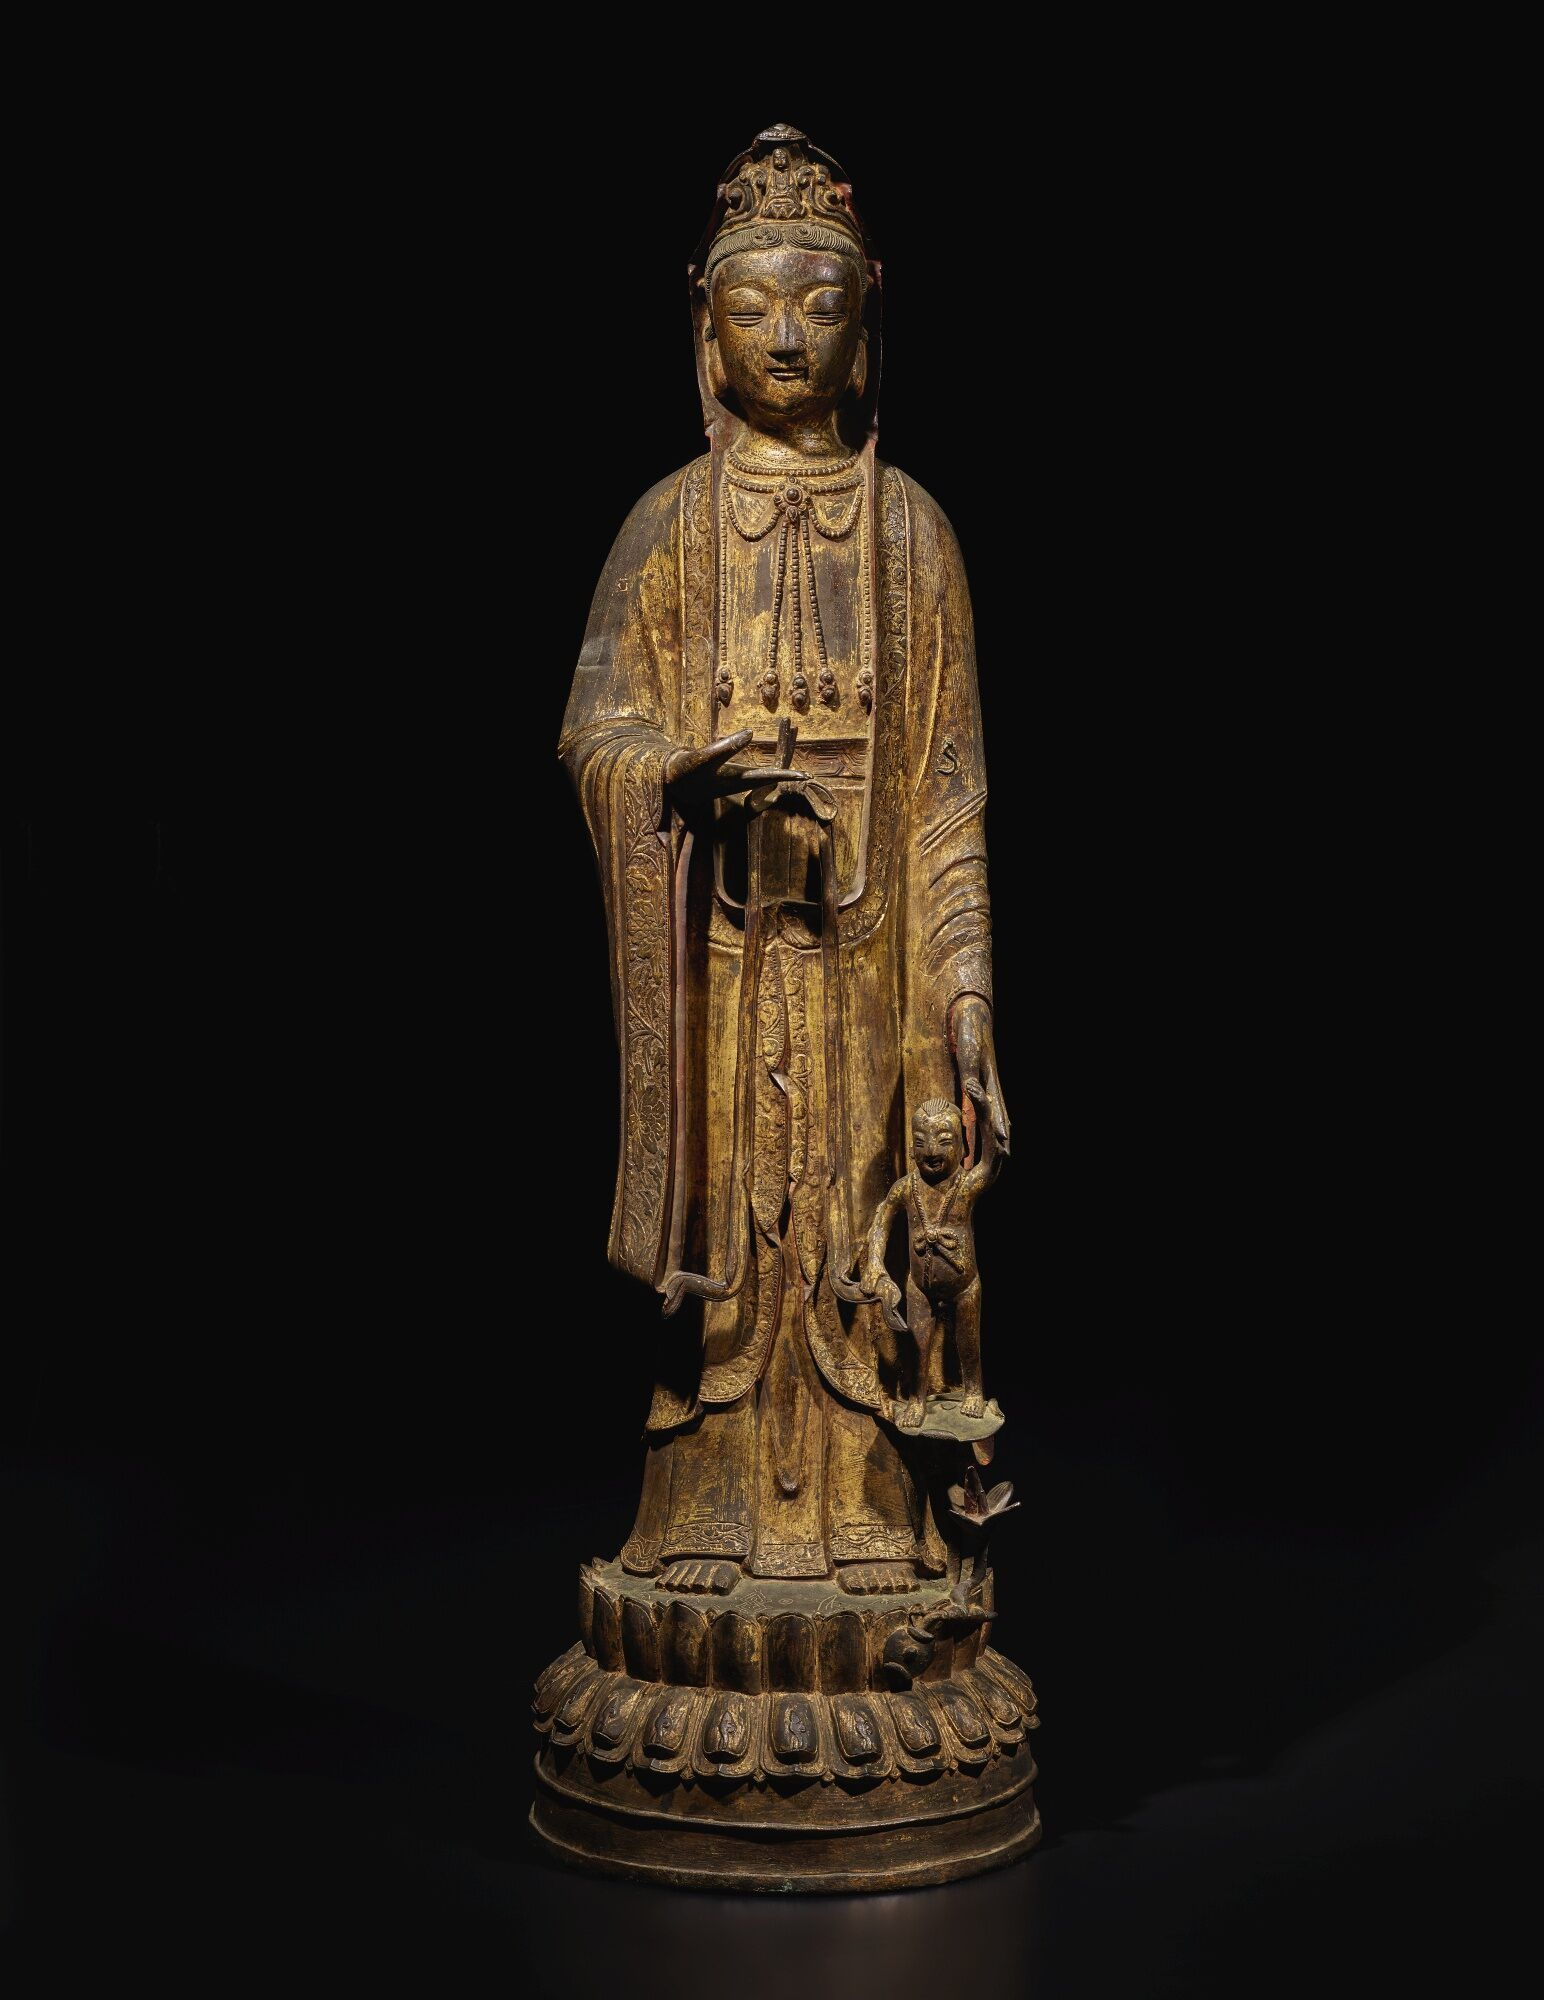 The bodhisattva Maitreya, Anonymous, 200 - 399